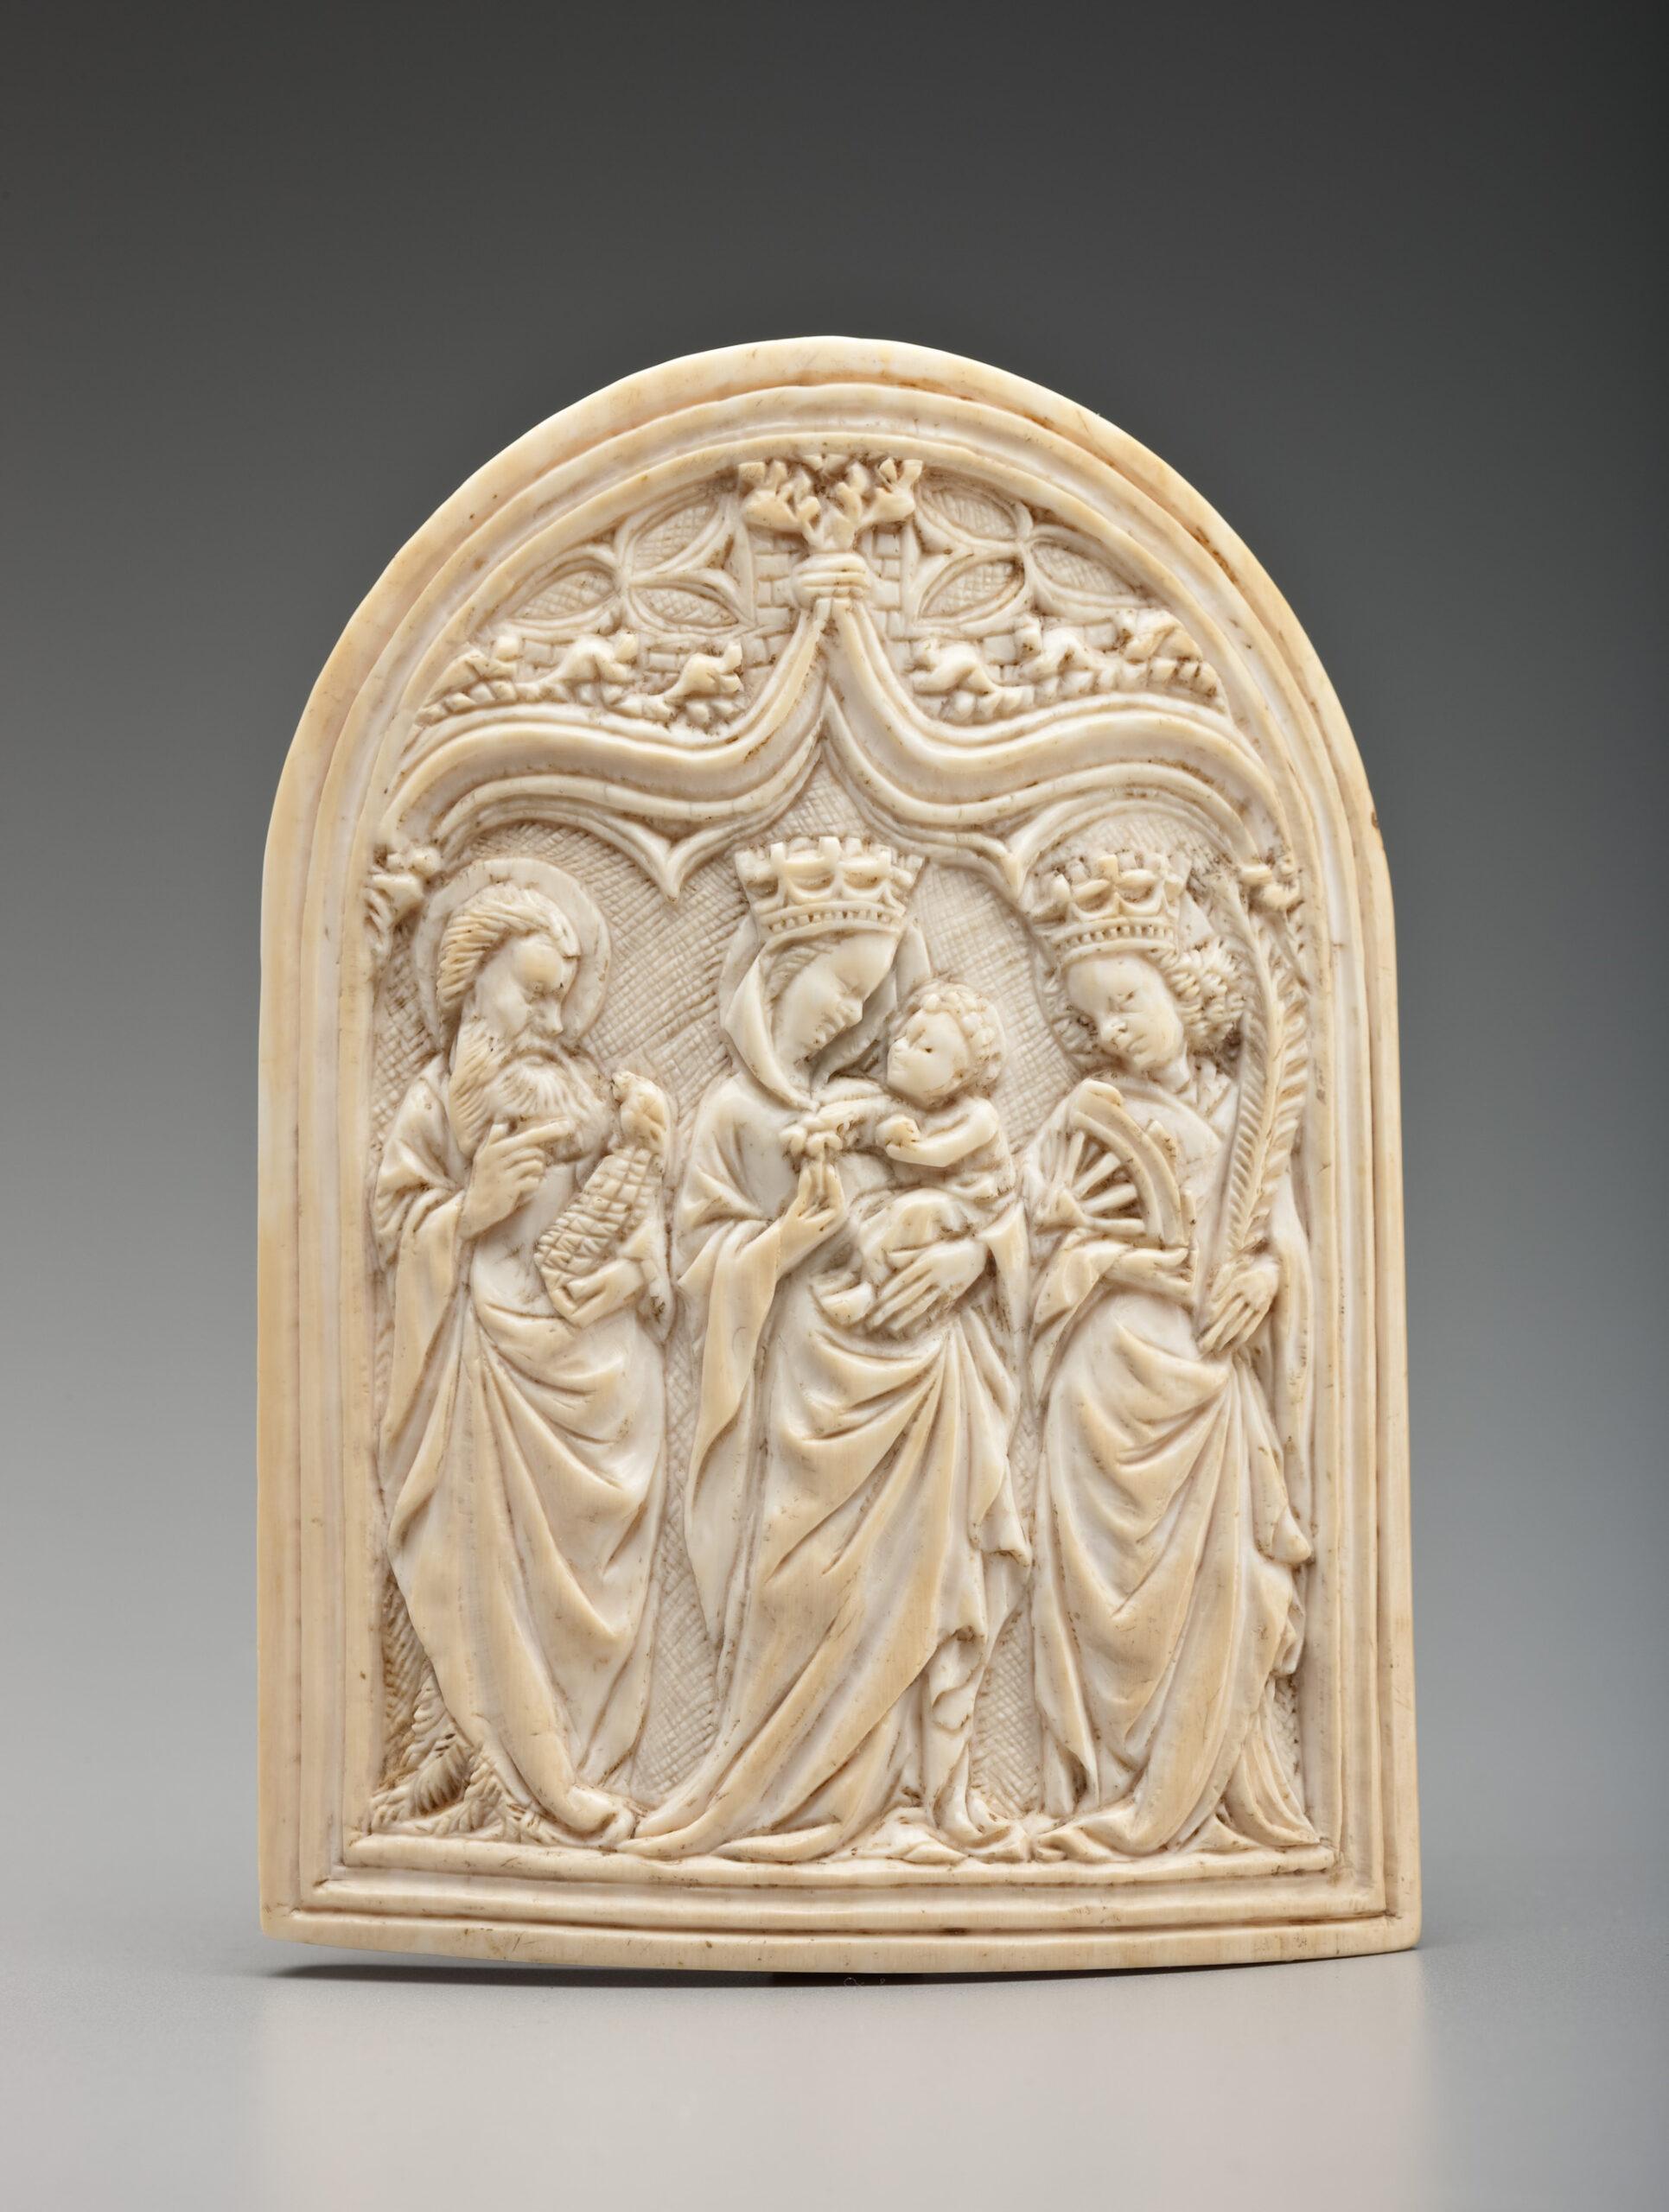 Unidentified Artist (Utrecht), Pax, ca. 1450-75, ivory, 12.1 x 8.9 x 1 cm Detroit Institute of Arts